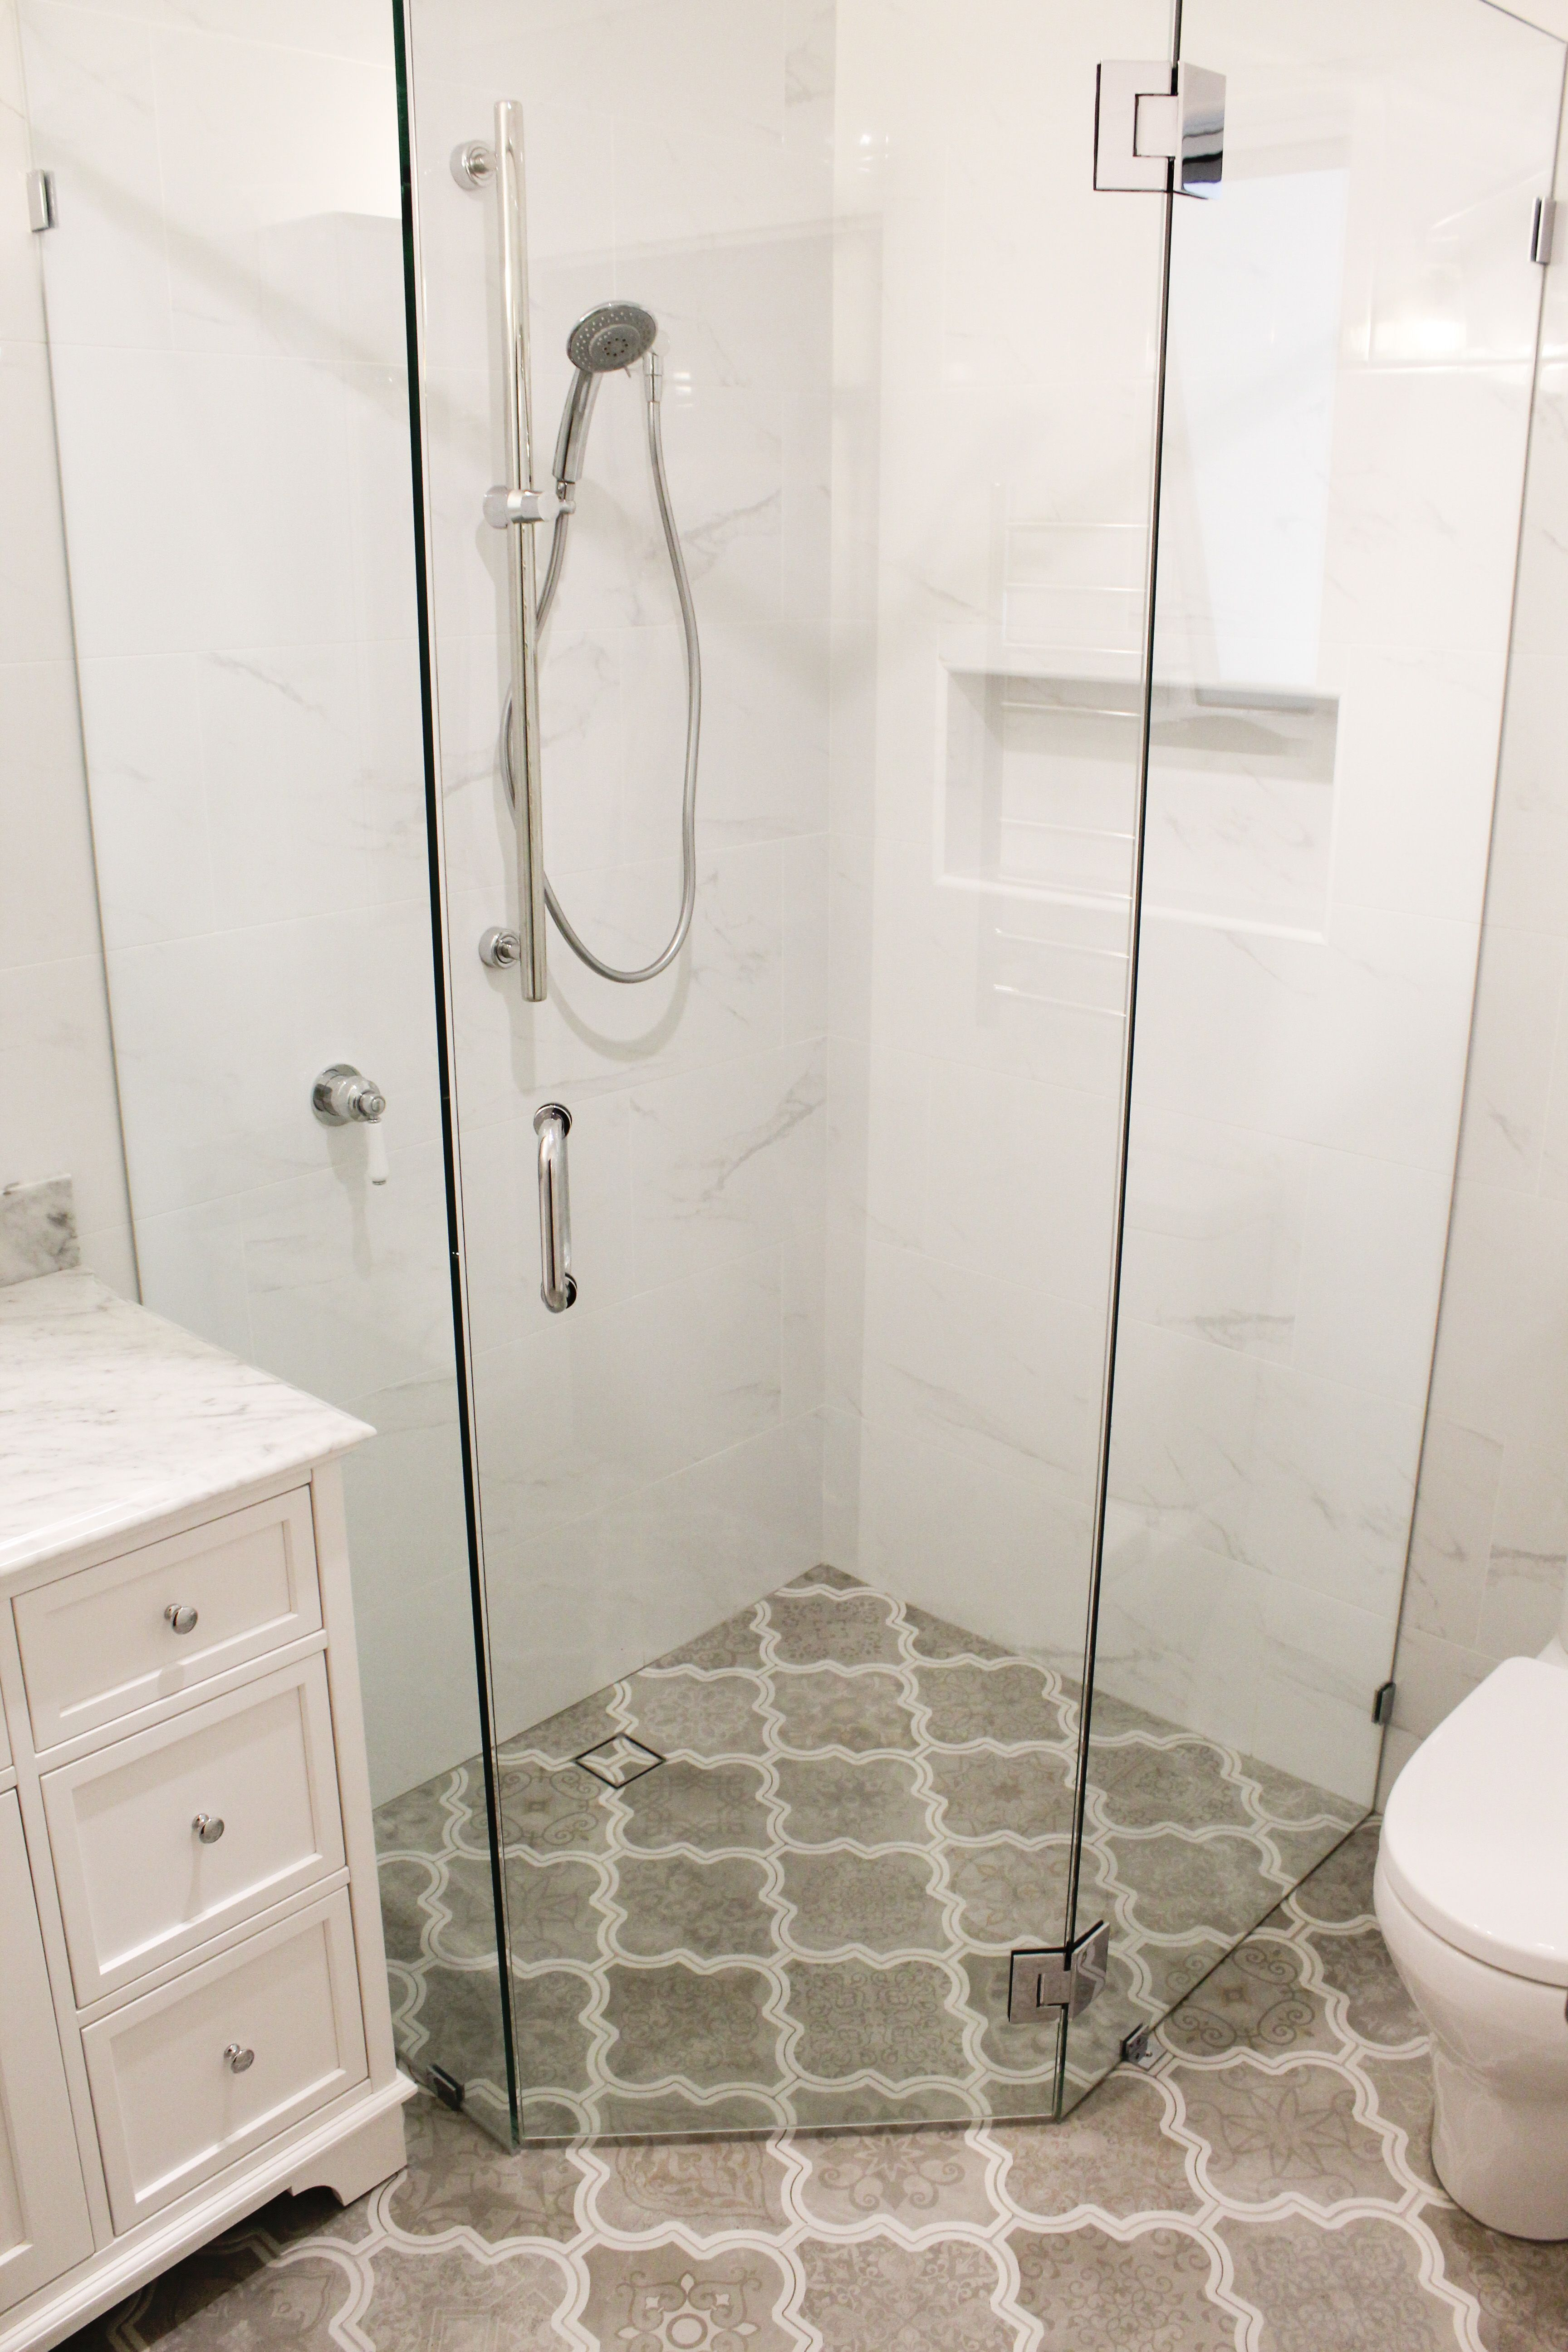 Frameless Shower Screen - 3 Part Shower Screen - Frameless Bathroom ...